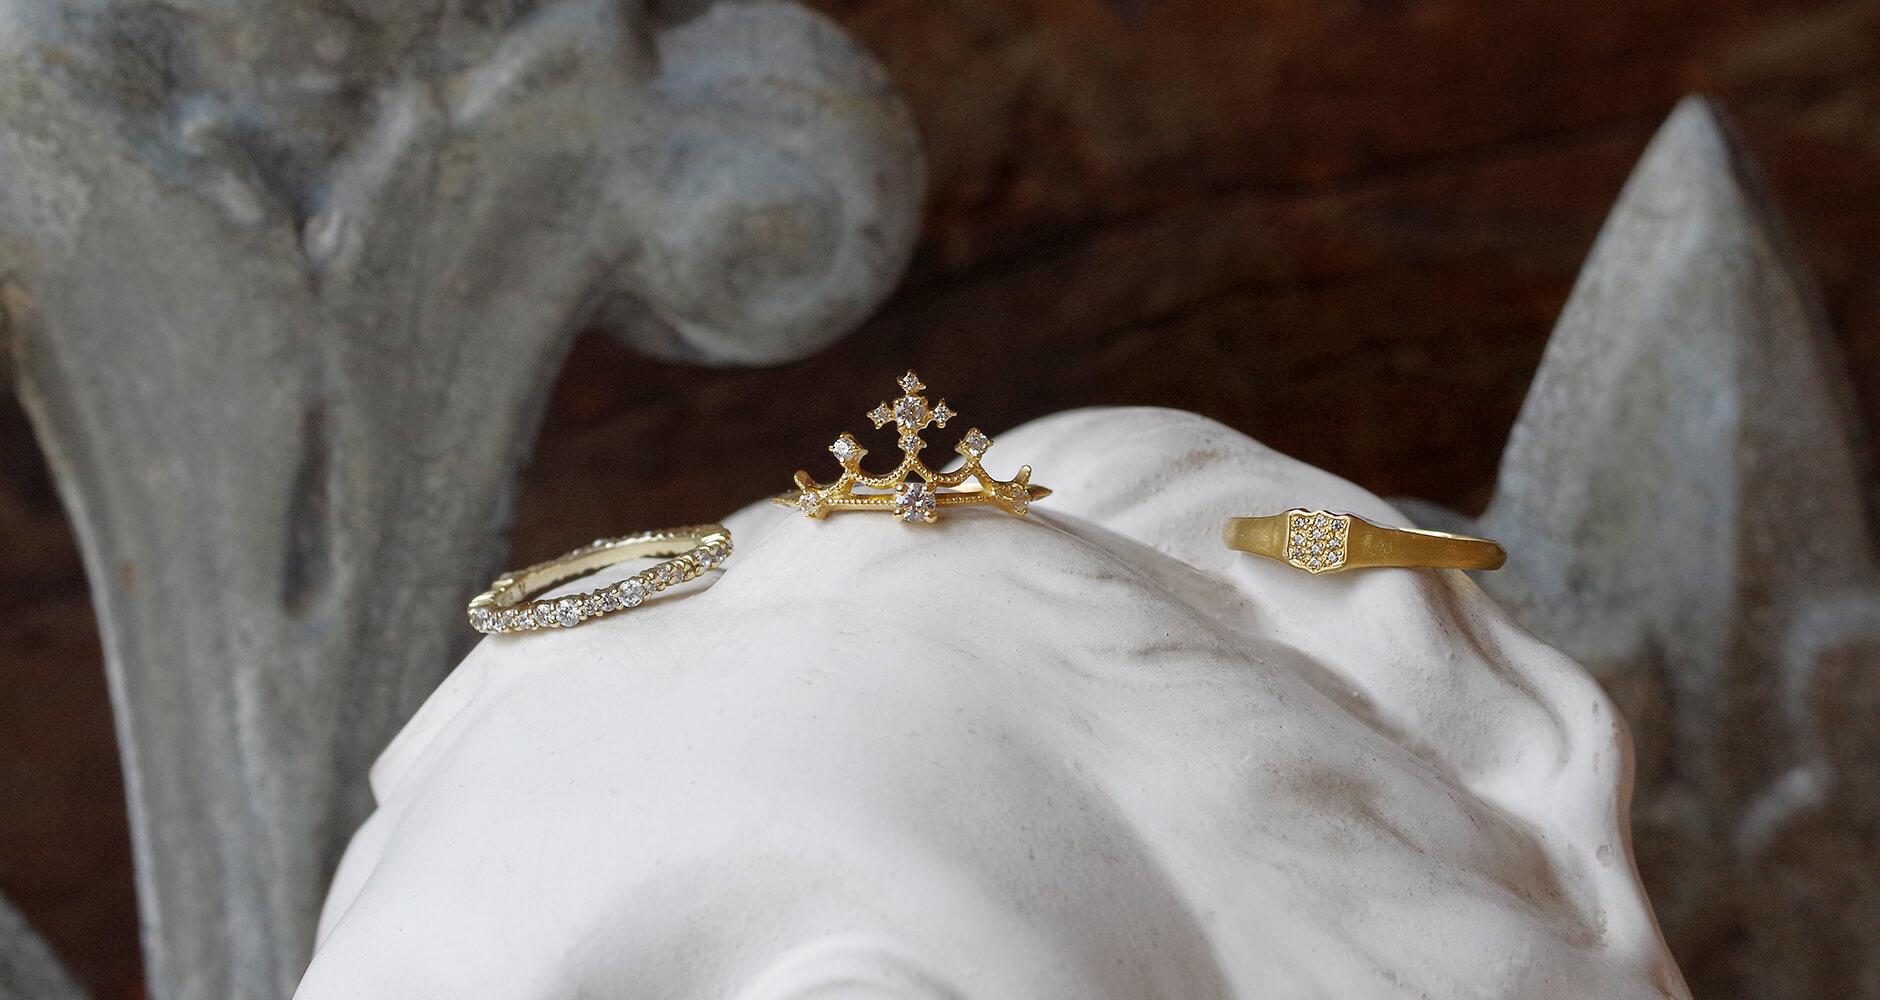 石膏像とクラシカルな婚約指輪